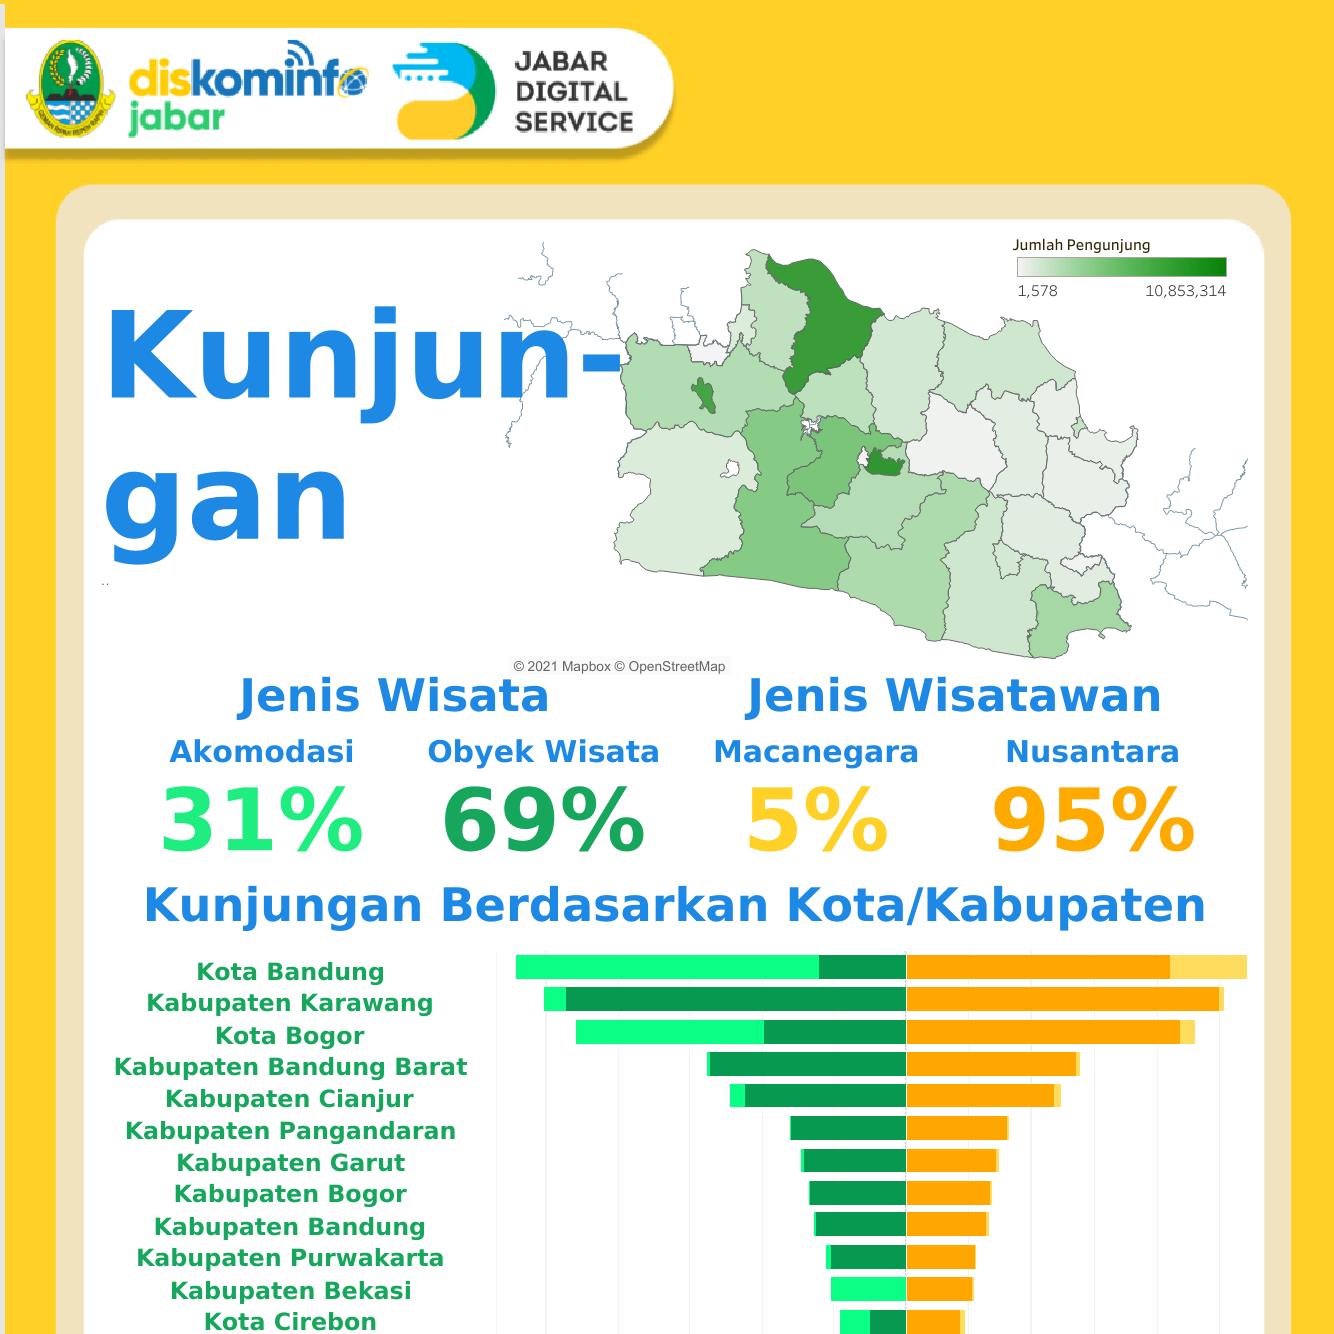 Kunjungan Wisatawan Di Provinsi Jawa Barat Tahun 2018